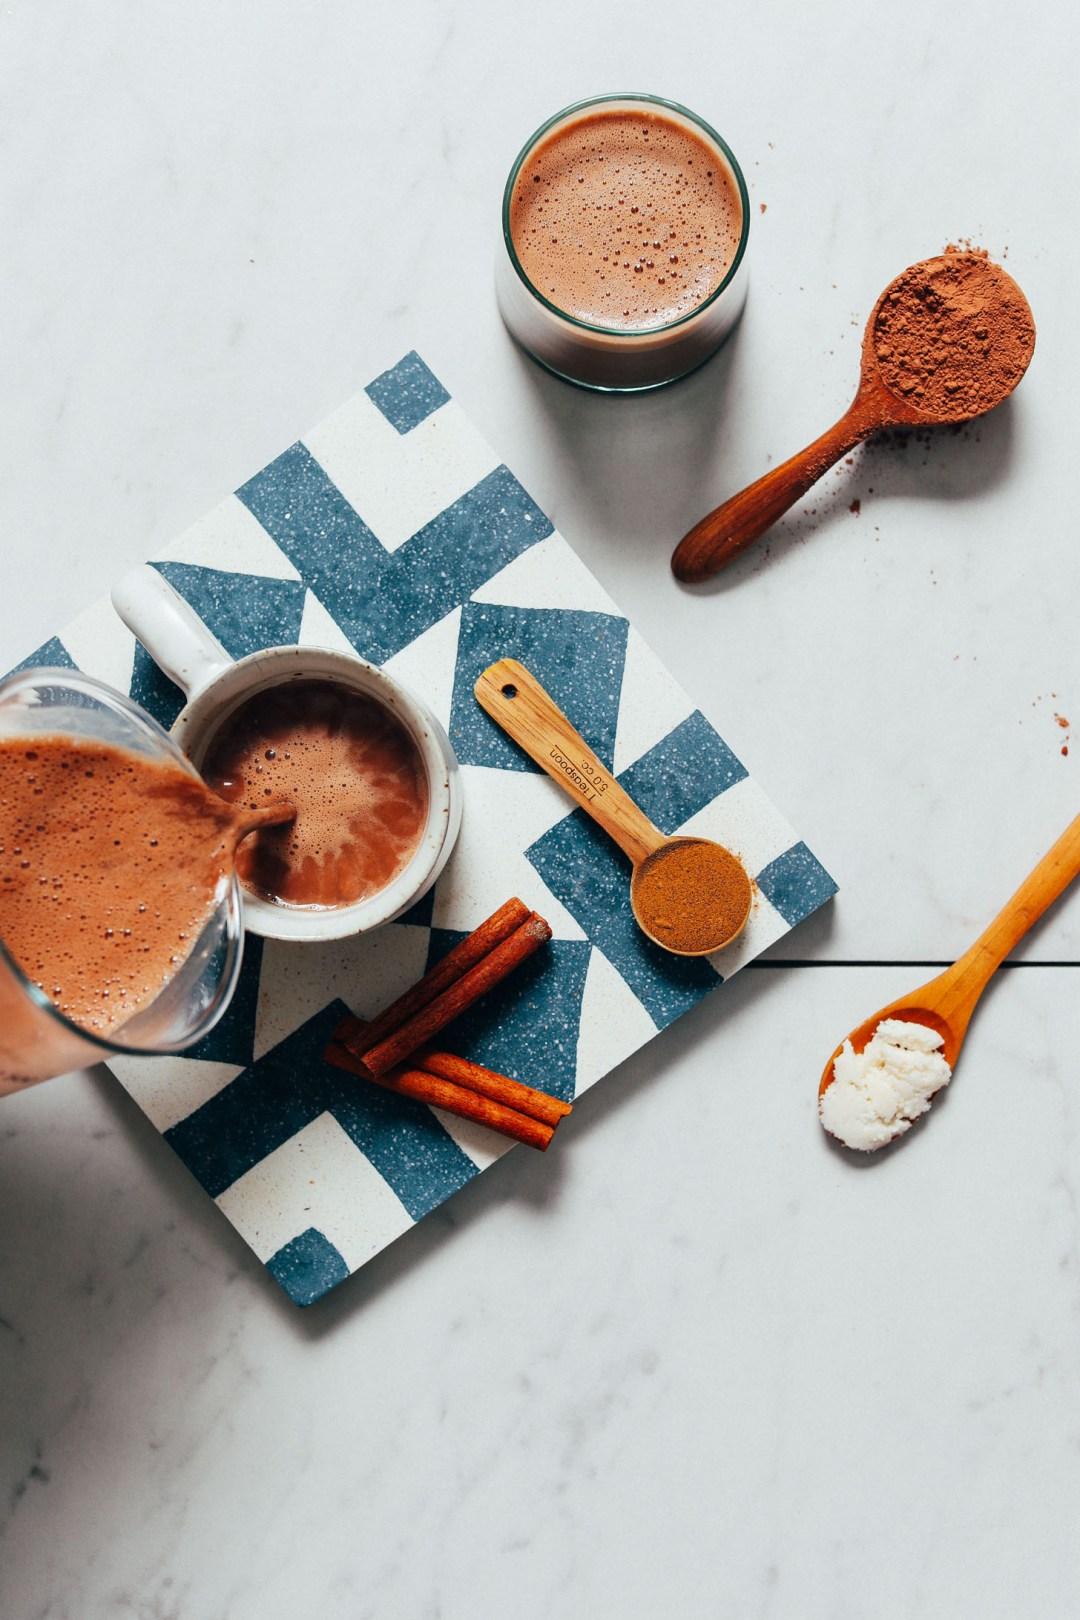 Verter una taza de nuestra receta de chocolate caliente adaptogénico sin lácteos junto con los ingredientes utilizados para prepararla